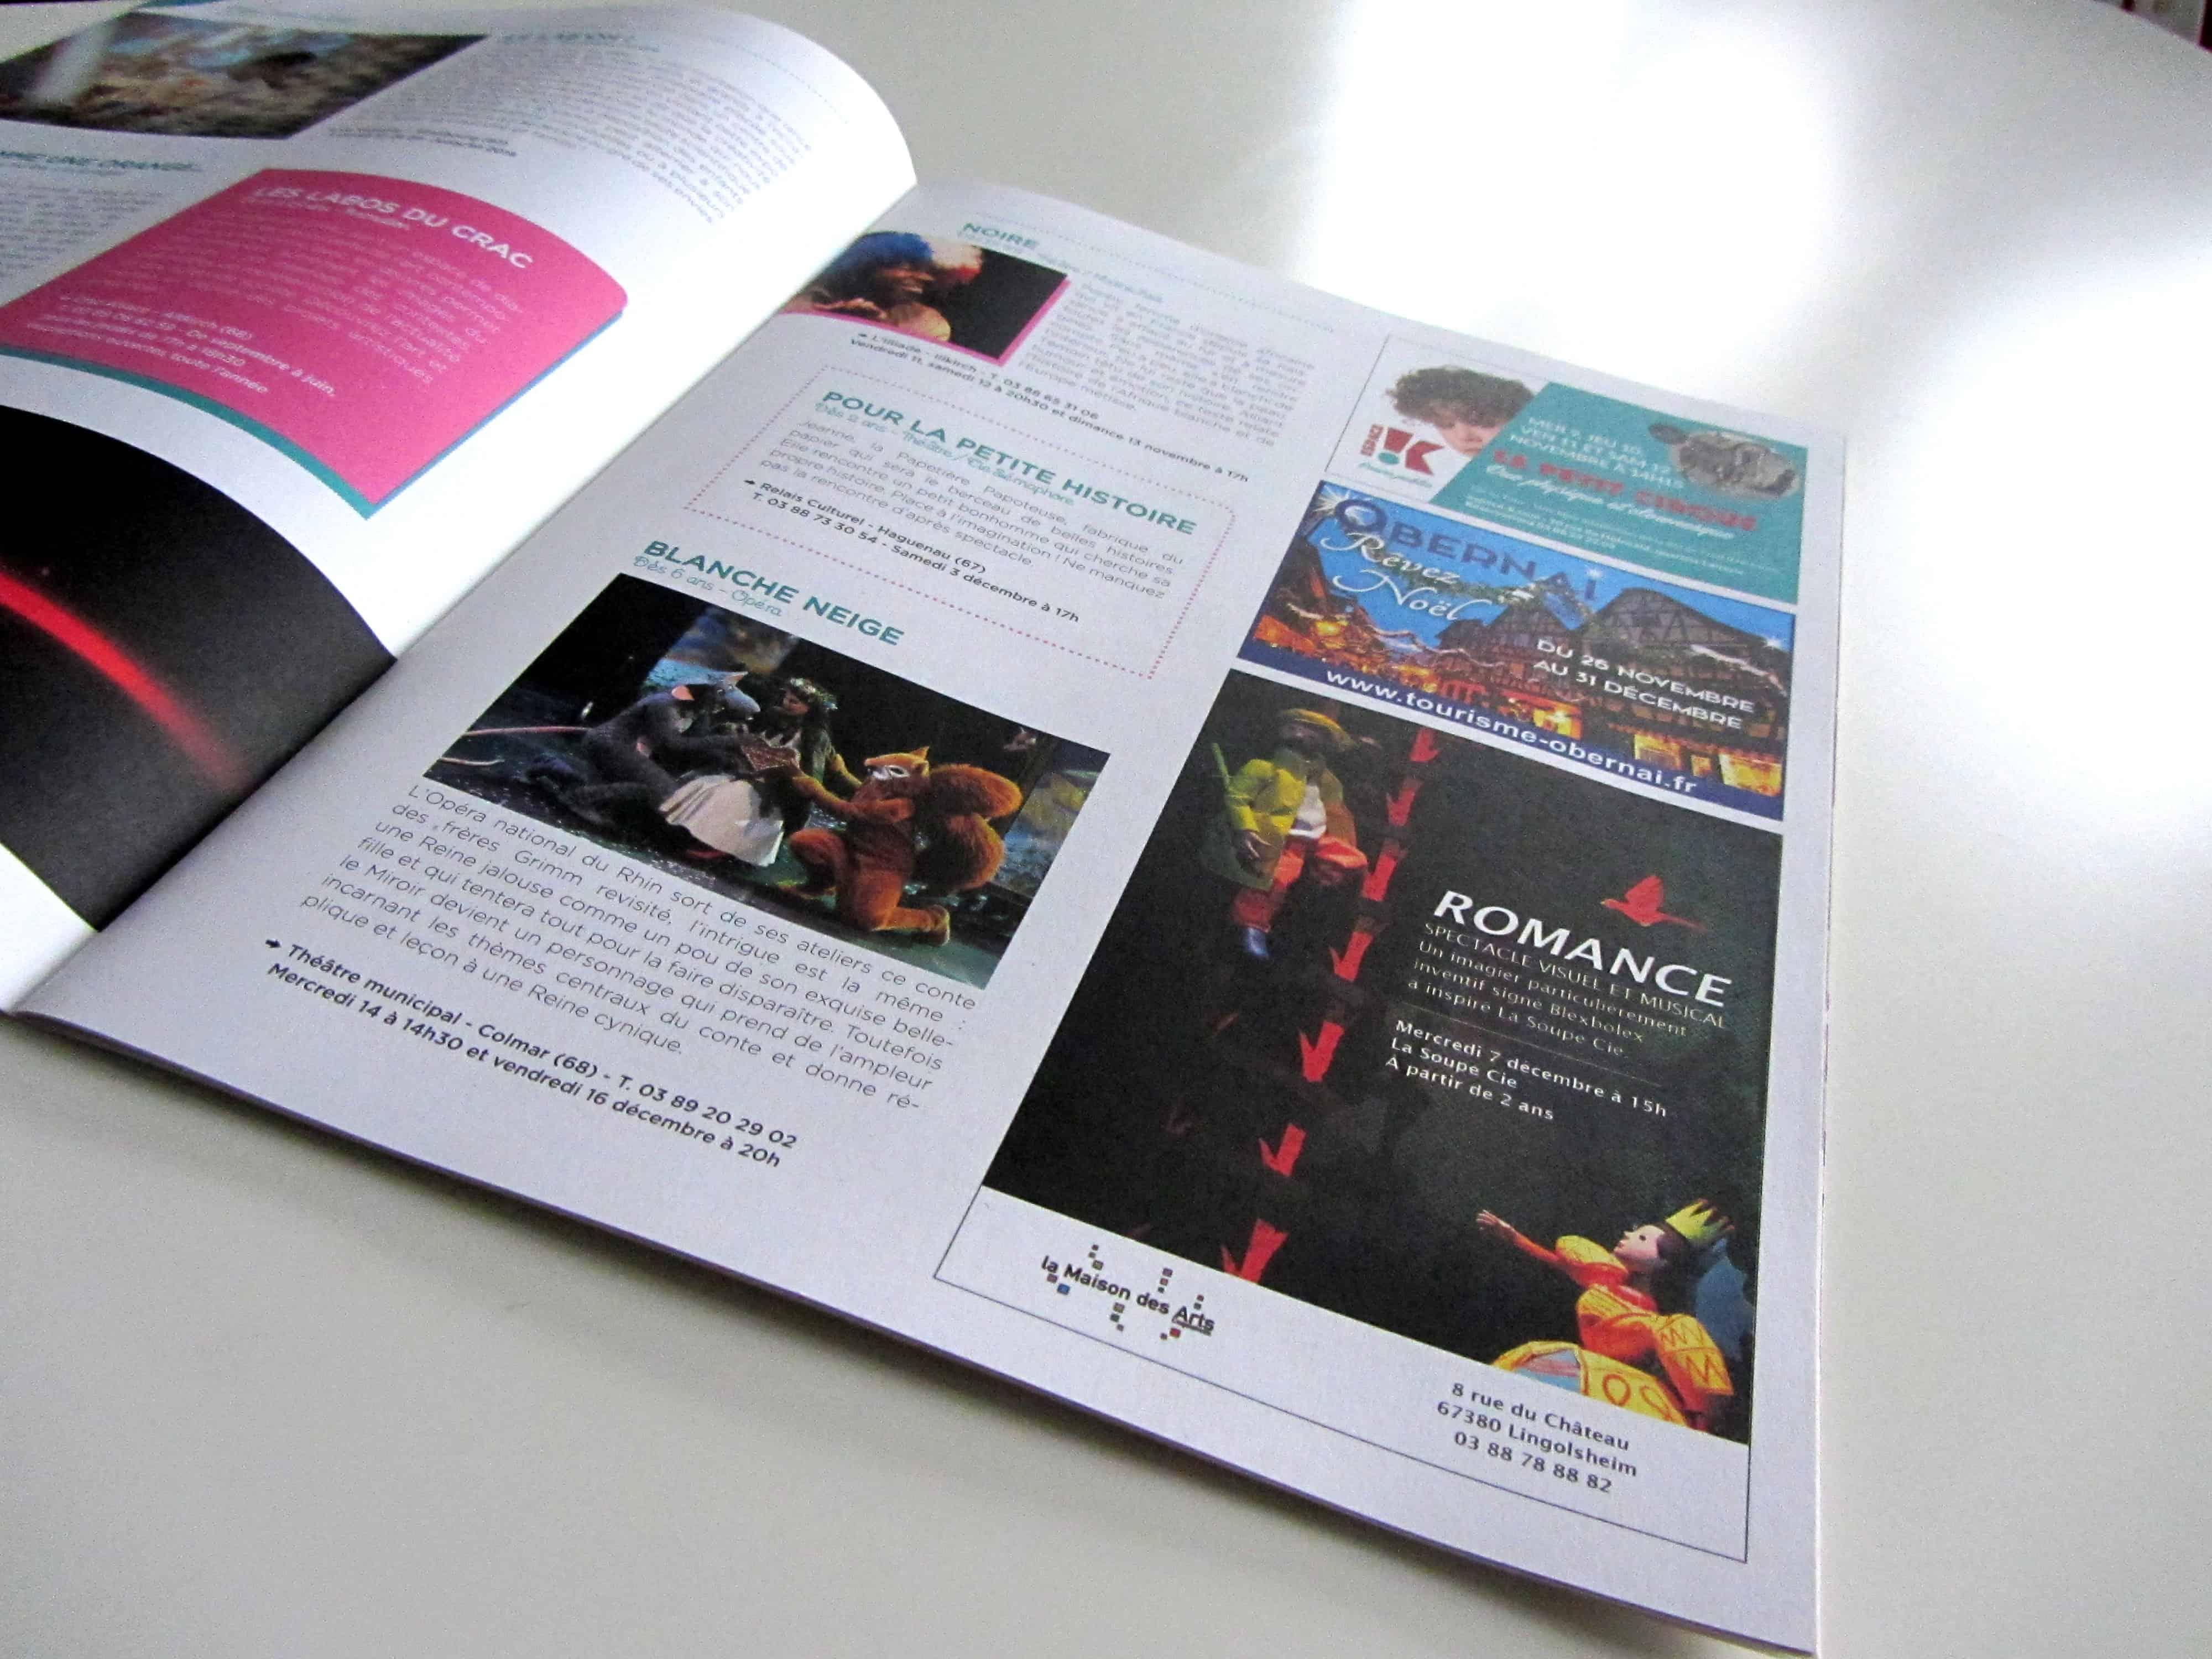 mise-en-page-de-la-rubrique-cest-lactu du-magazine-bibouille-destine-aux-famille-edition-en-alsace